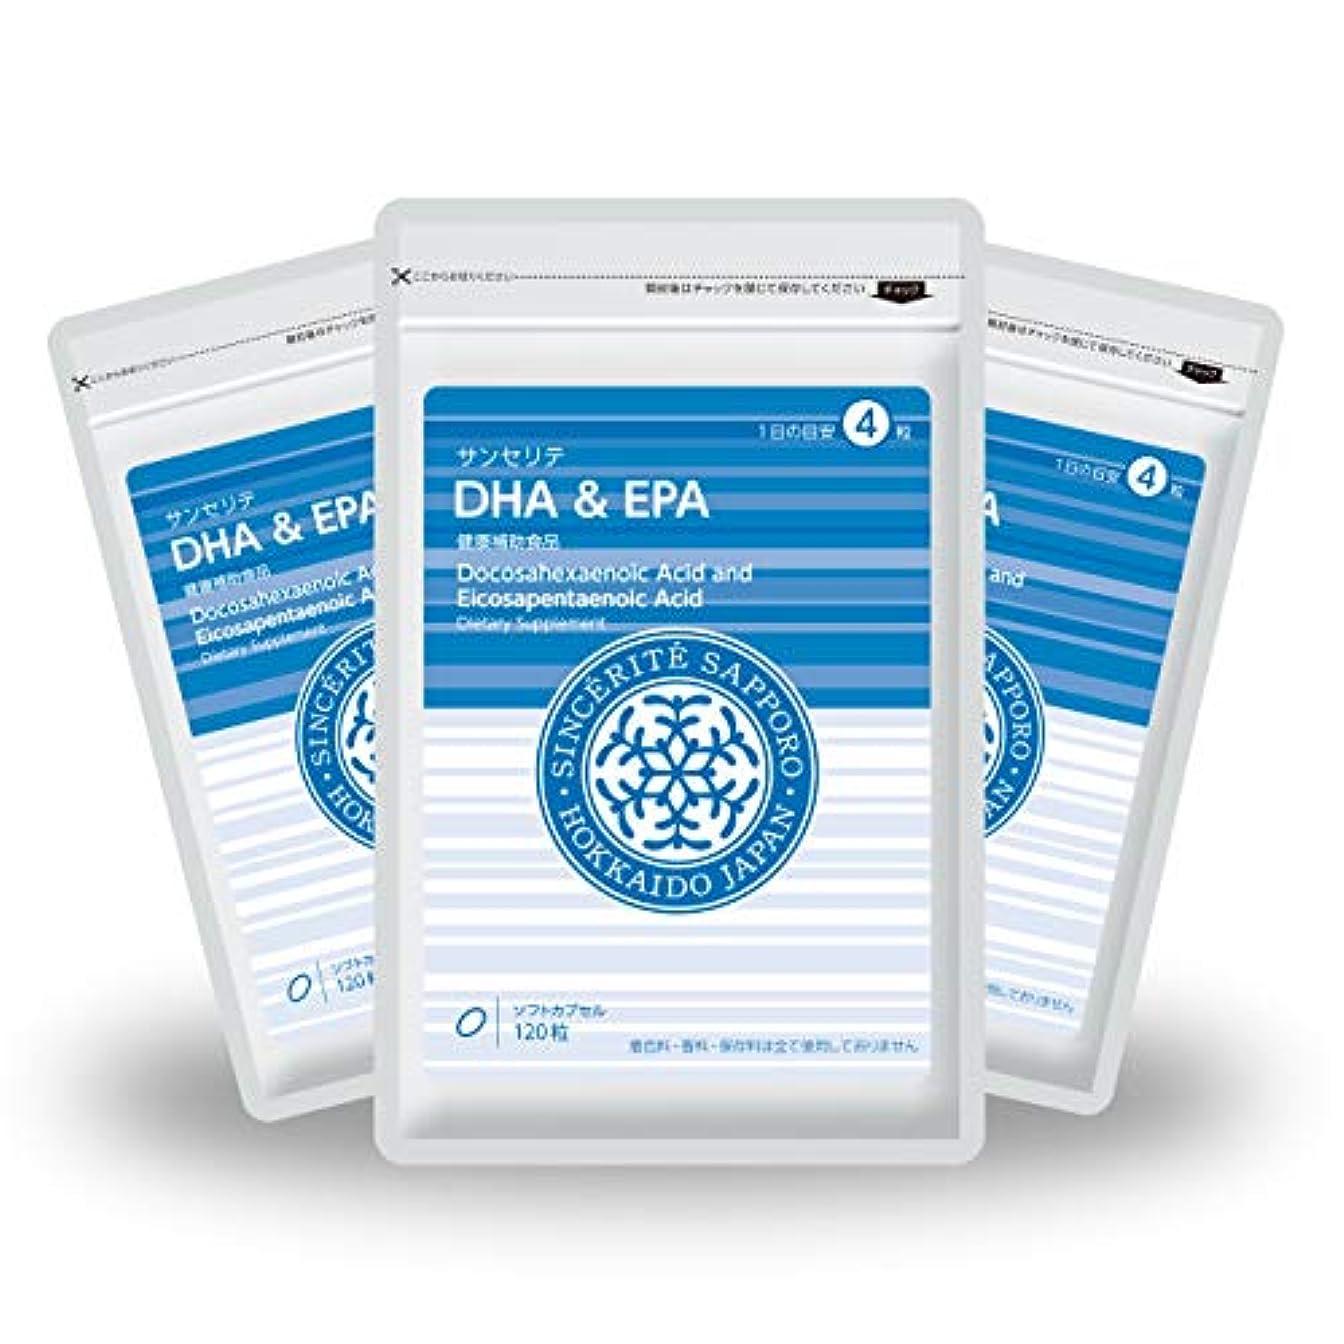 カップルママアメリカDHA&EPA 3袋セット[送料無料][DHA]433mg配合[国内製造]お得な★90日分